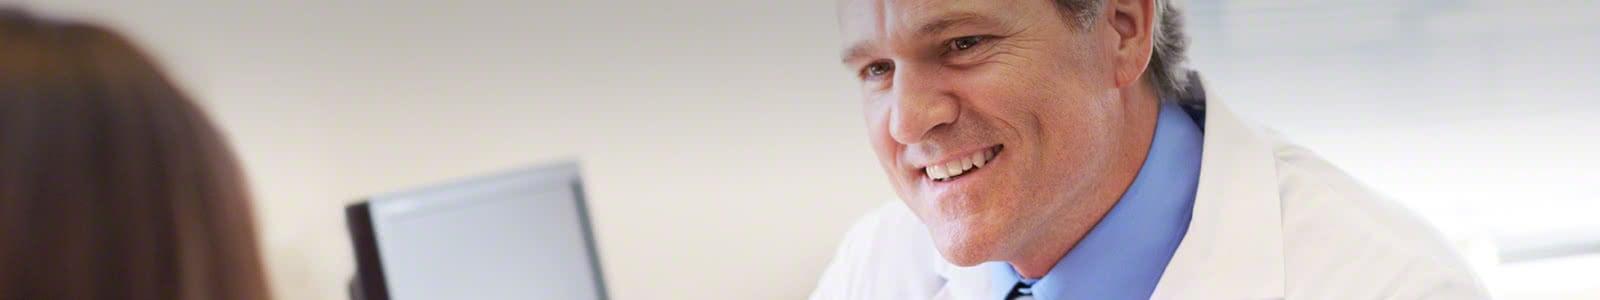 Bowel Preparation | Colorectal Surgeons Sydney